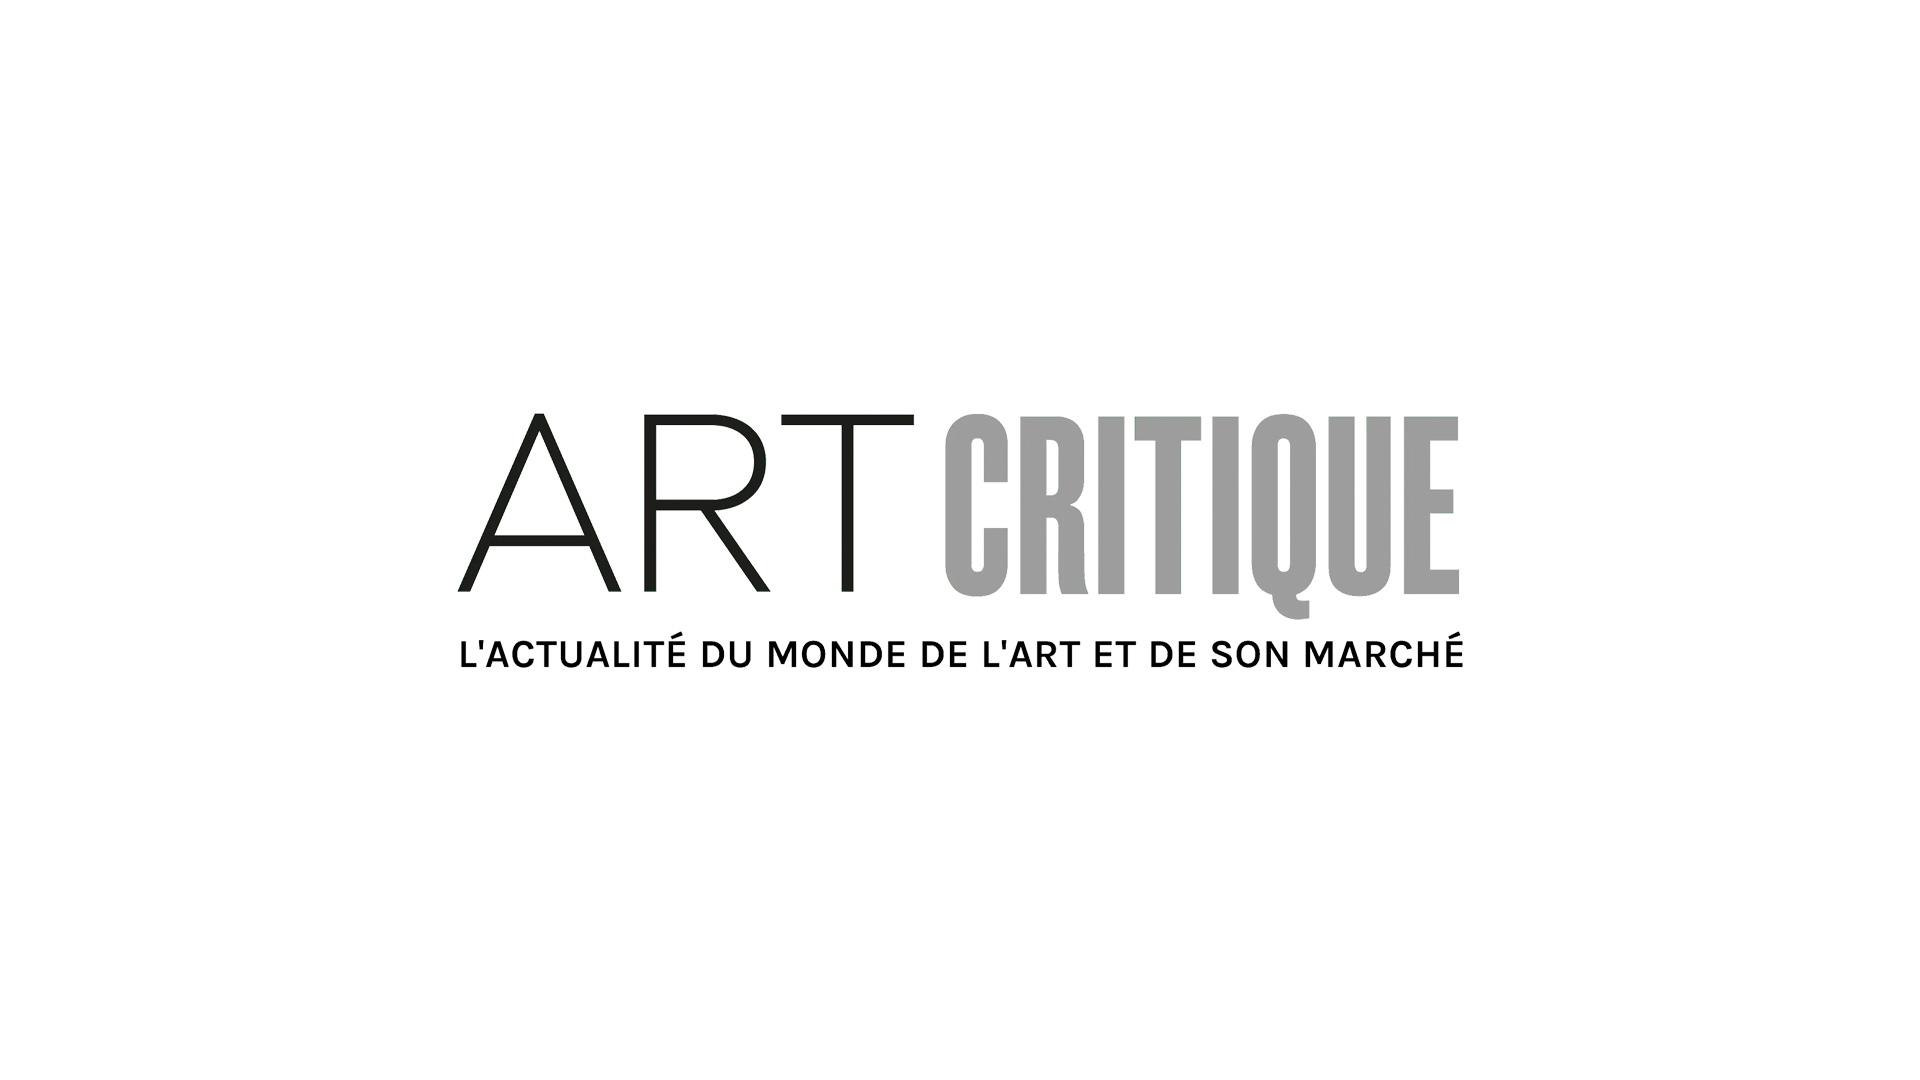 Le Paris du romantisme s'expose au Petit Palais